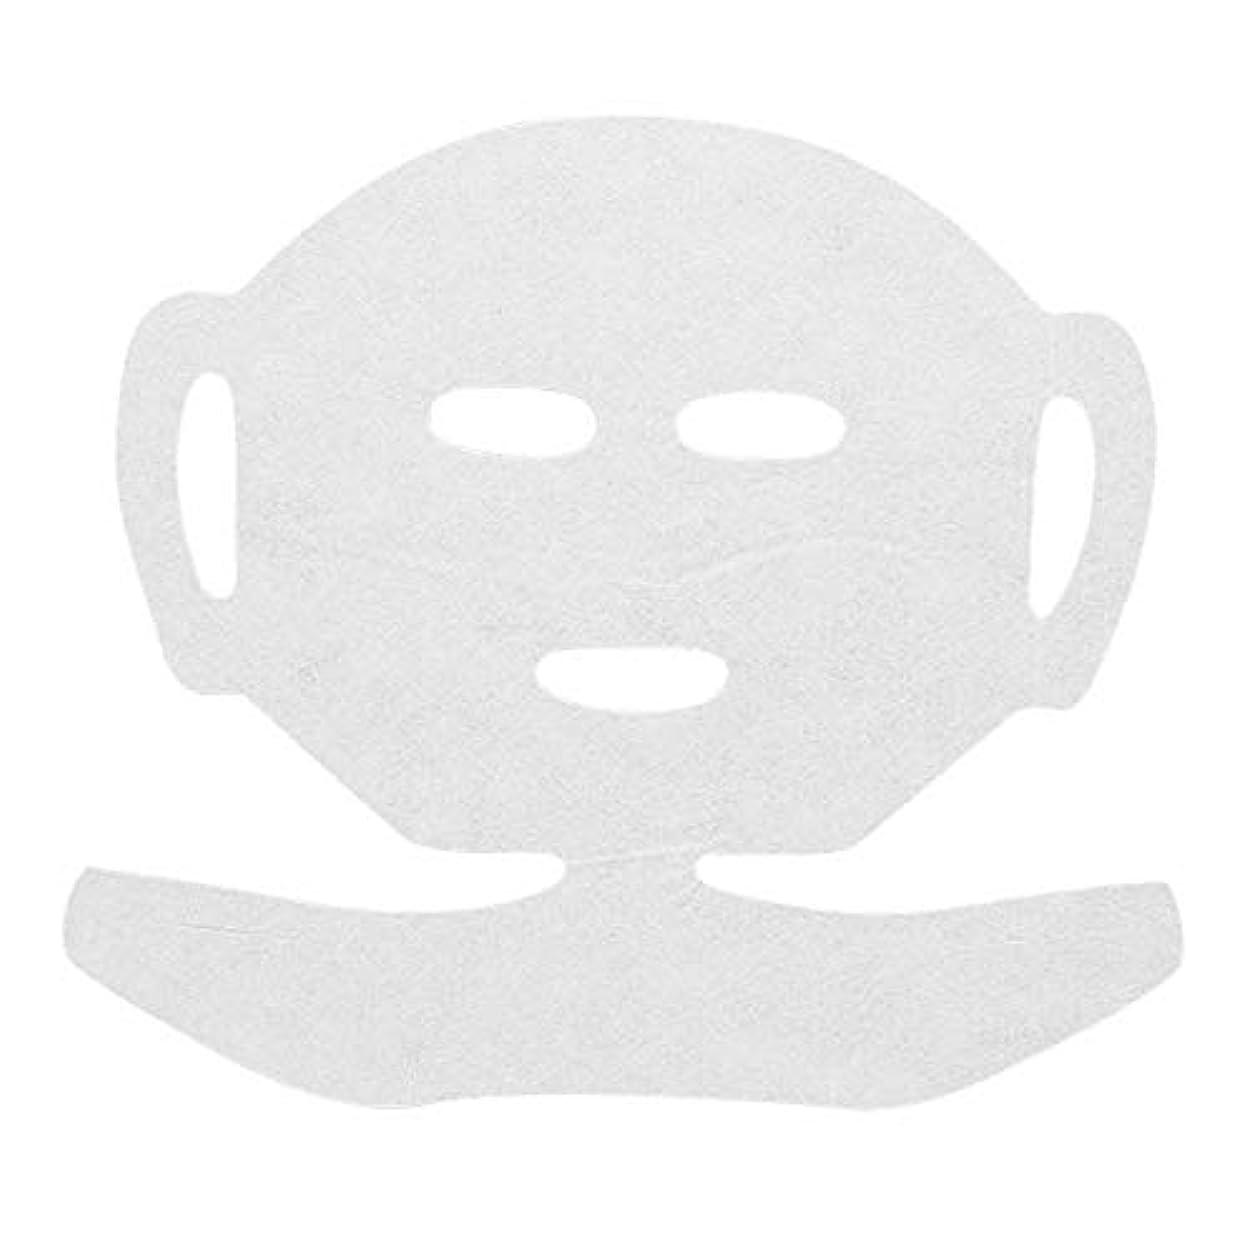 半島賭けとまり木高保水 フェイシャルシート (マスクタイプネック付き 化粧水無し) 80枚 29×20cm [ フェイスマスク フェイスシート フェイスパック フェイシャルマスク シートマスク フェイシャルシート フェイシャルパック ローションマスク...